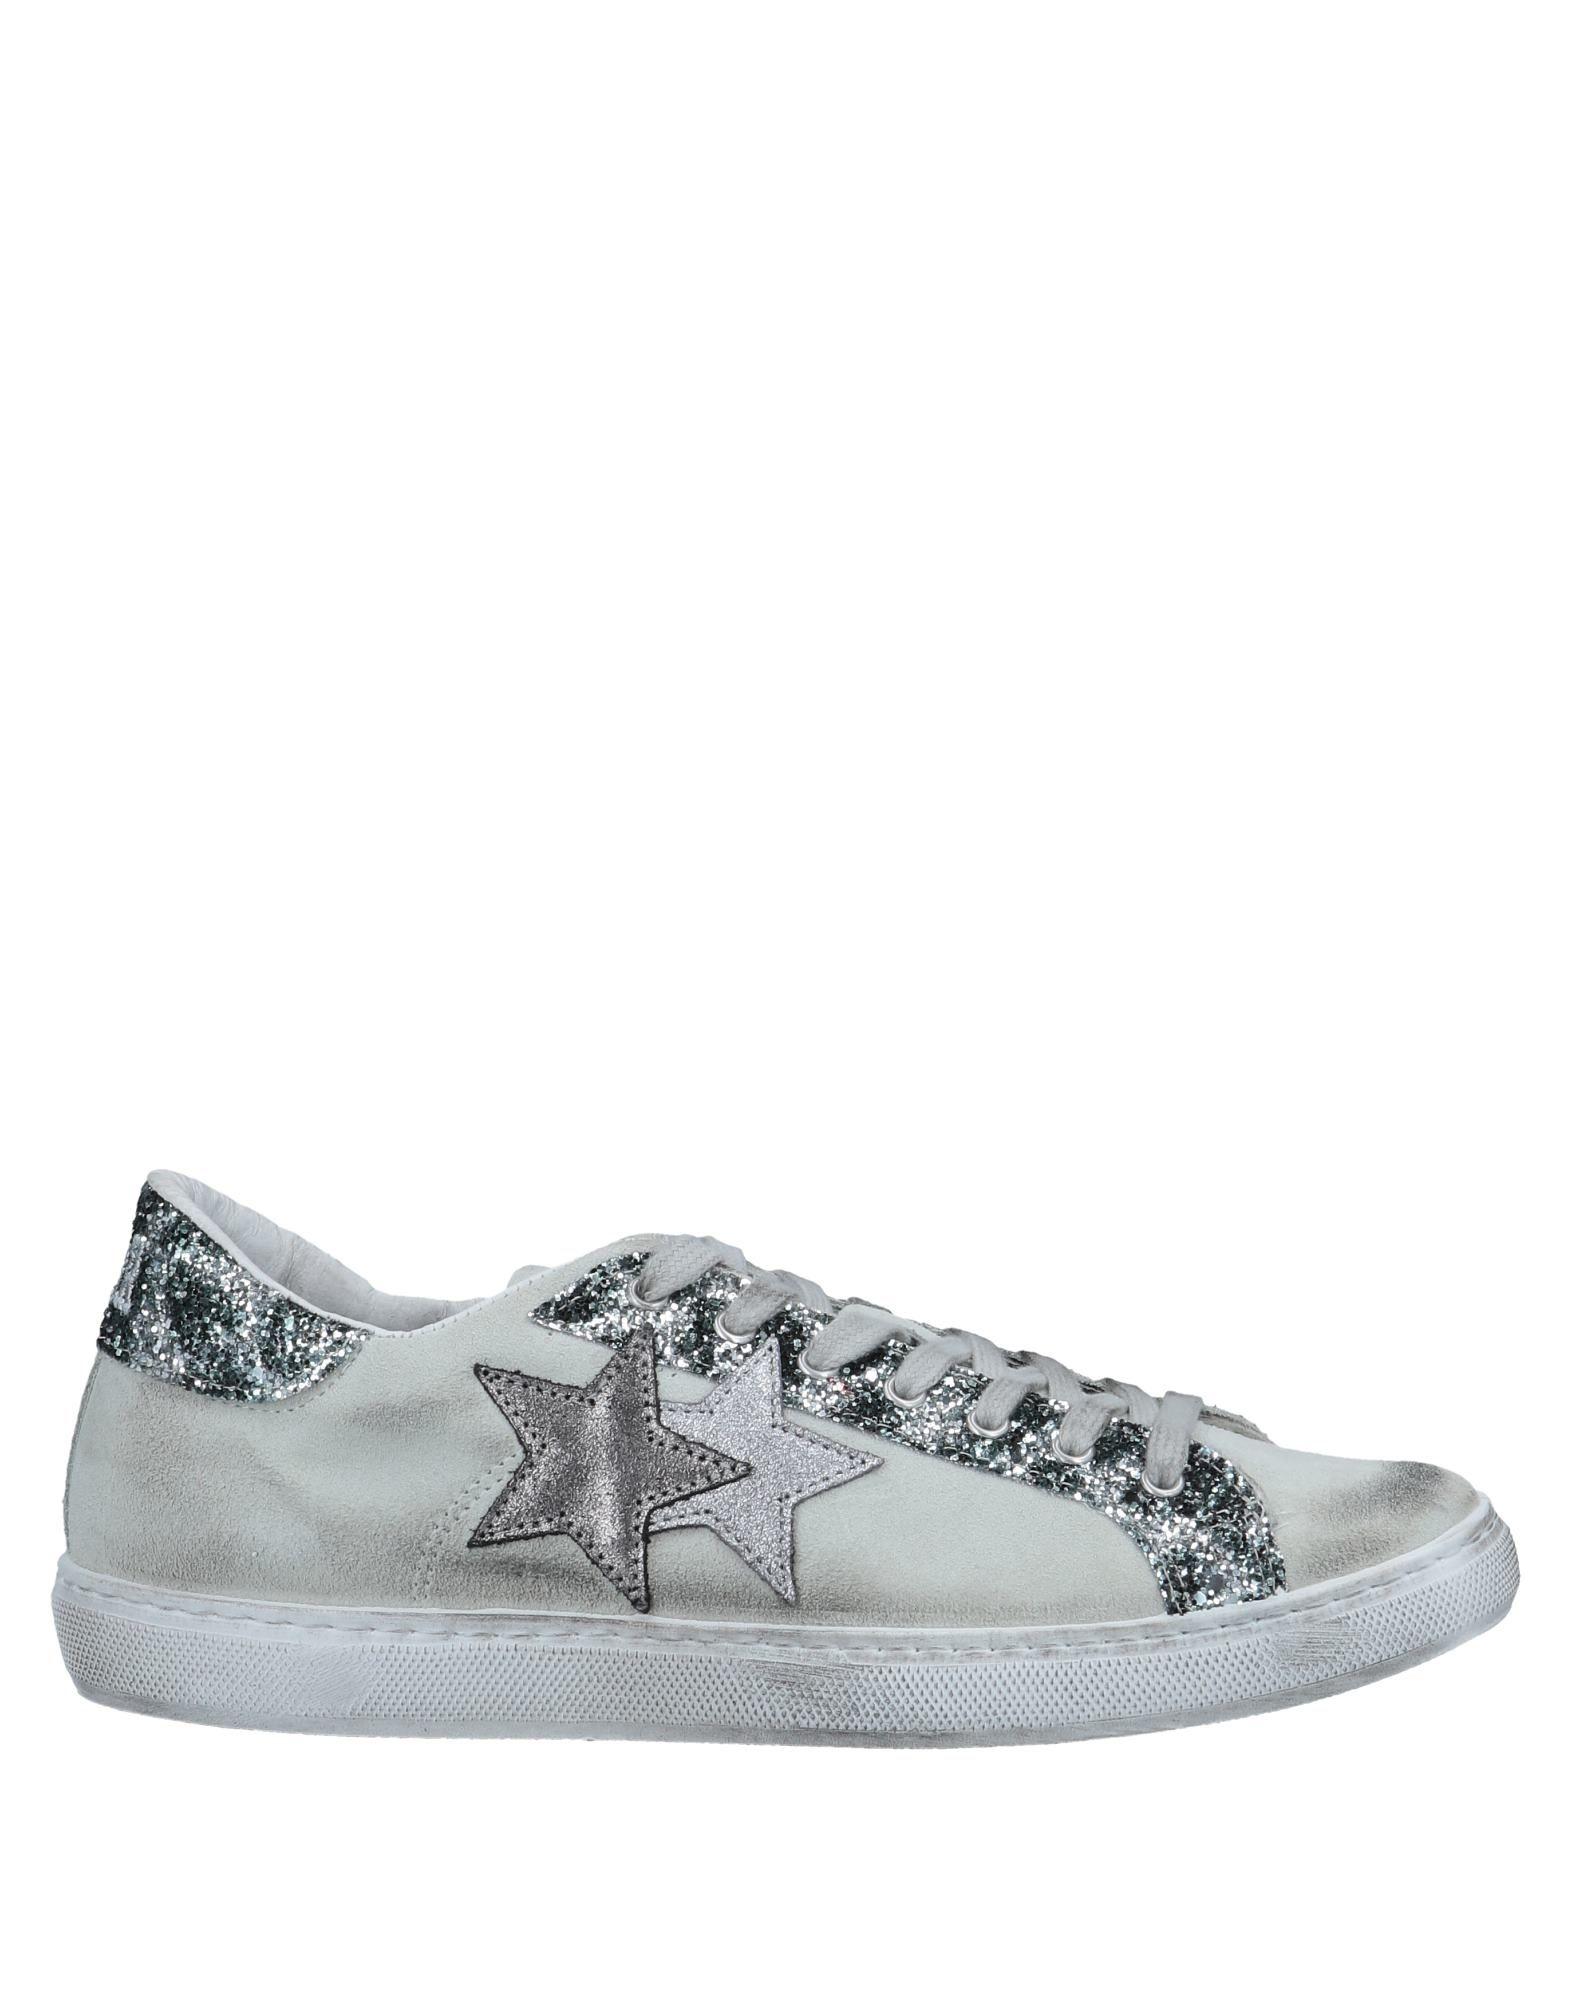 Rabatt echte Schuhe 2Star Sneakers Herren  11554661UF